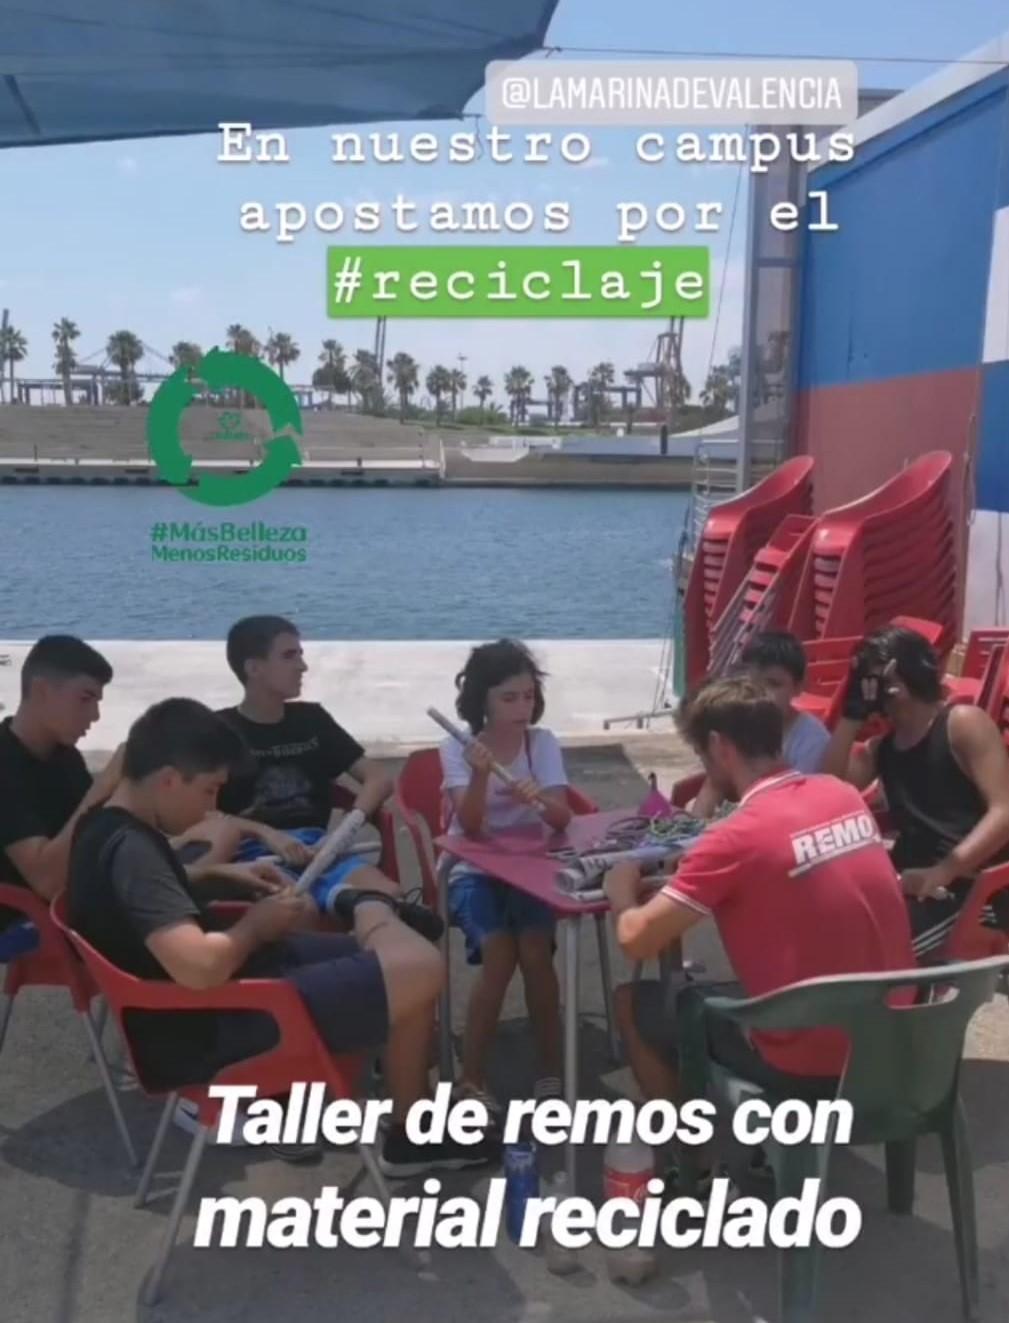 taller reciclaje campus valencia